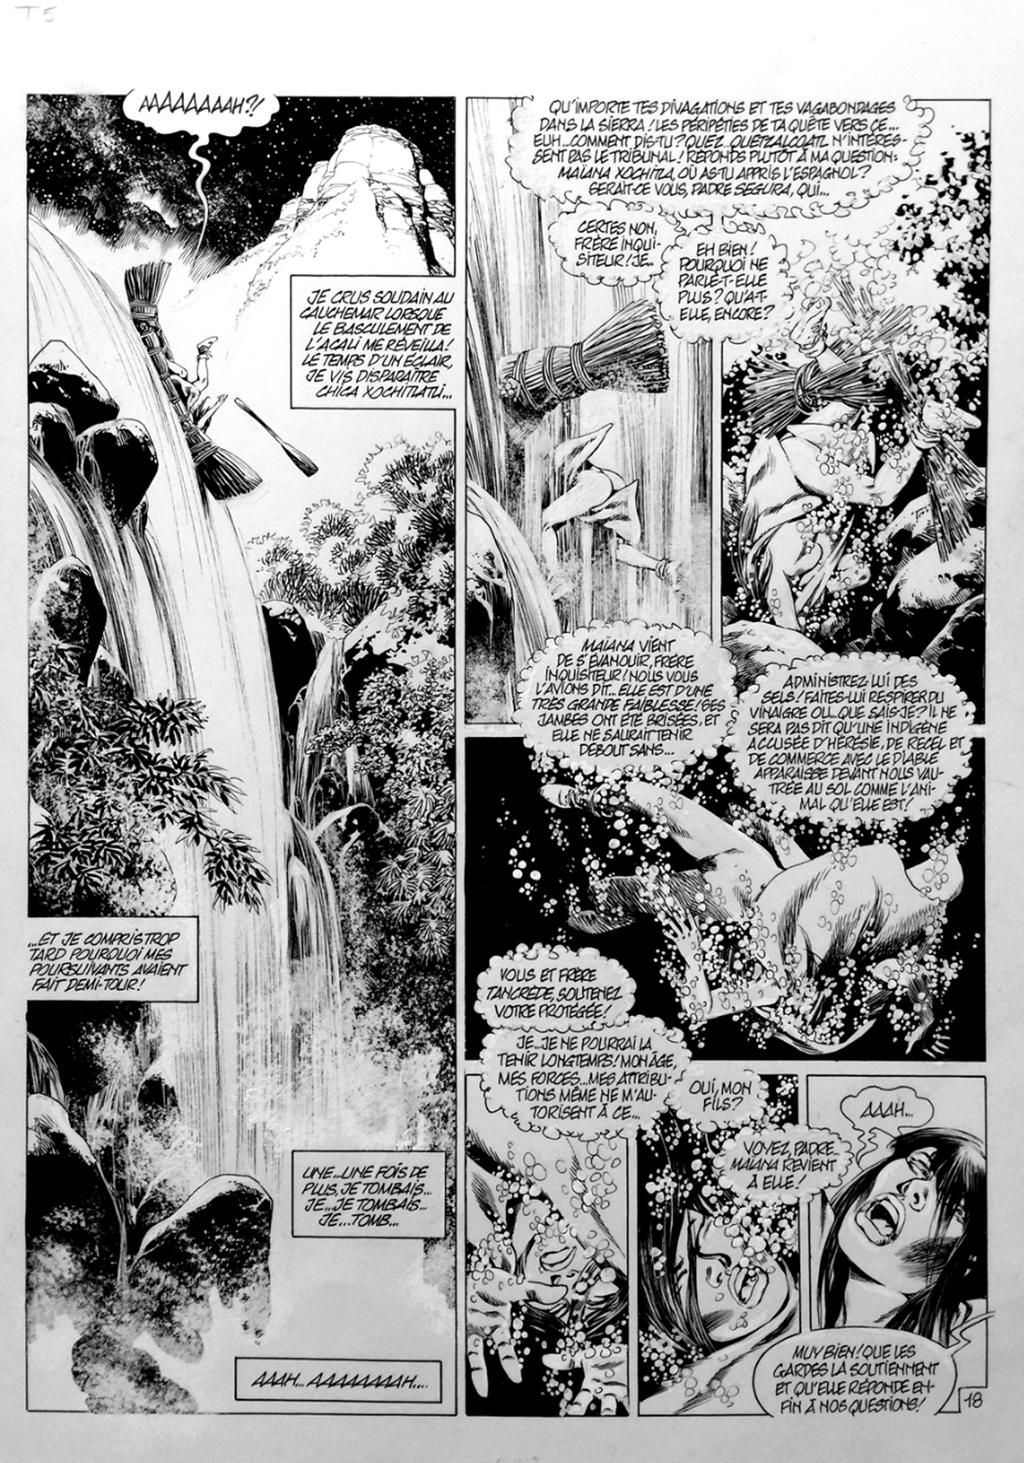 Quetzalcoatl, Tome 5, La Putain et le Conquistador, Page 18 – Planche originale – Encre de chine – © Éditions Glénat, 2003 – © Jean-Yves Mitton, 2003